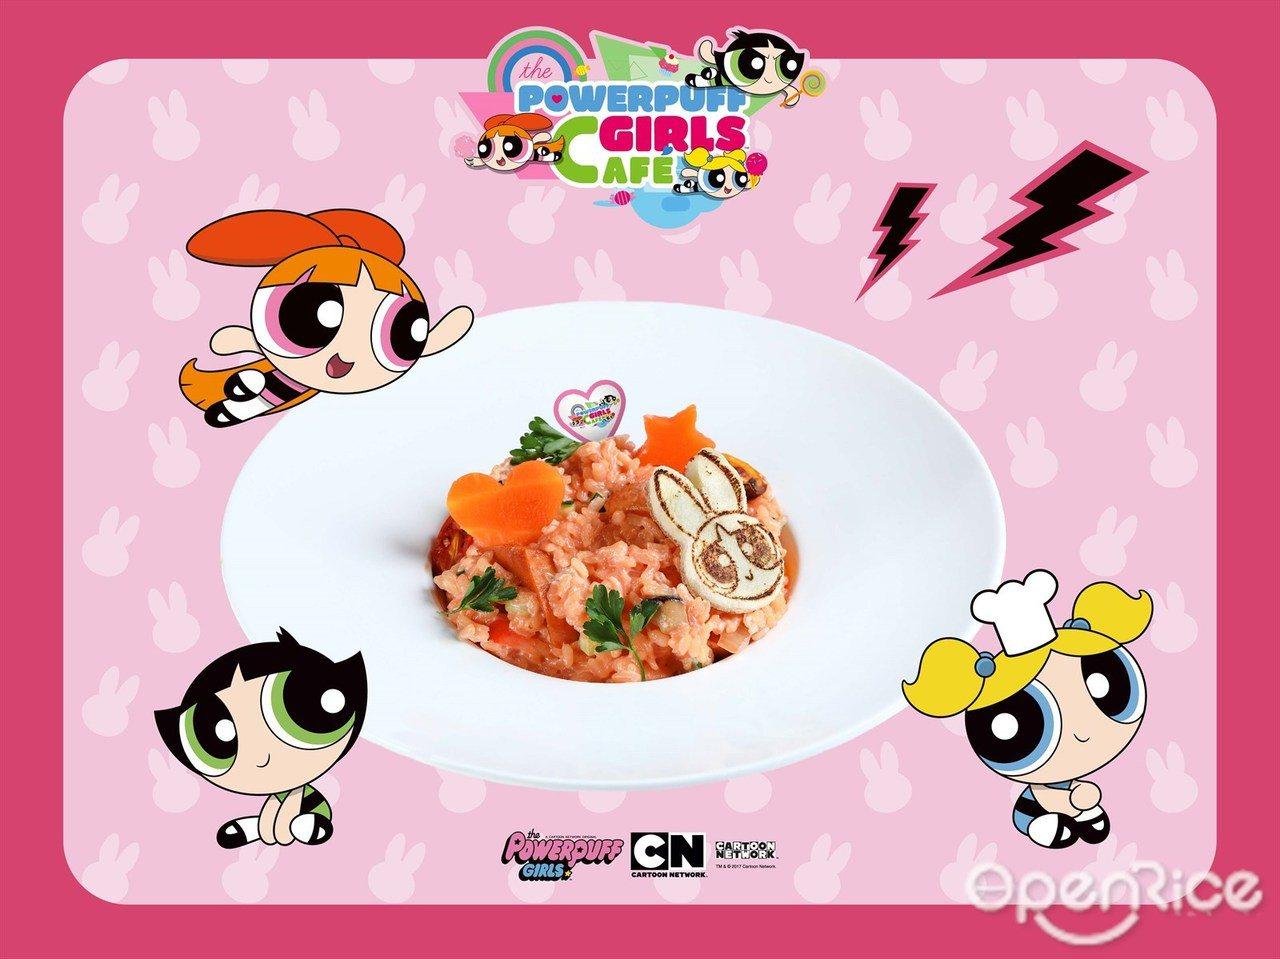 ▲德式臘腸野菇甜菜燉飯。主食類的餐點,使用甜菜根搭配德式臘腸的燉飯,呈現為粉紅色...